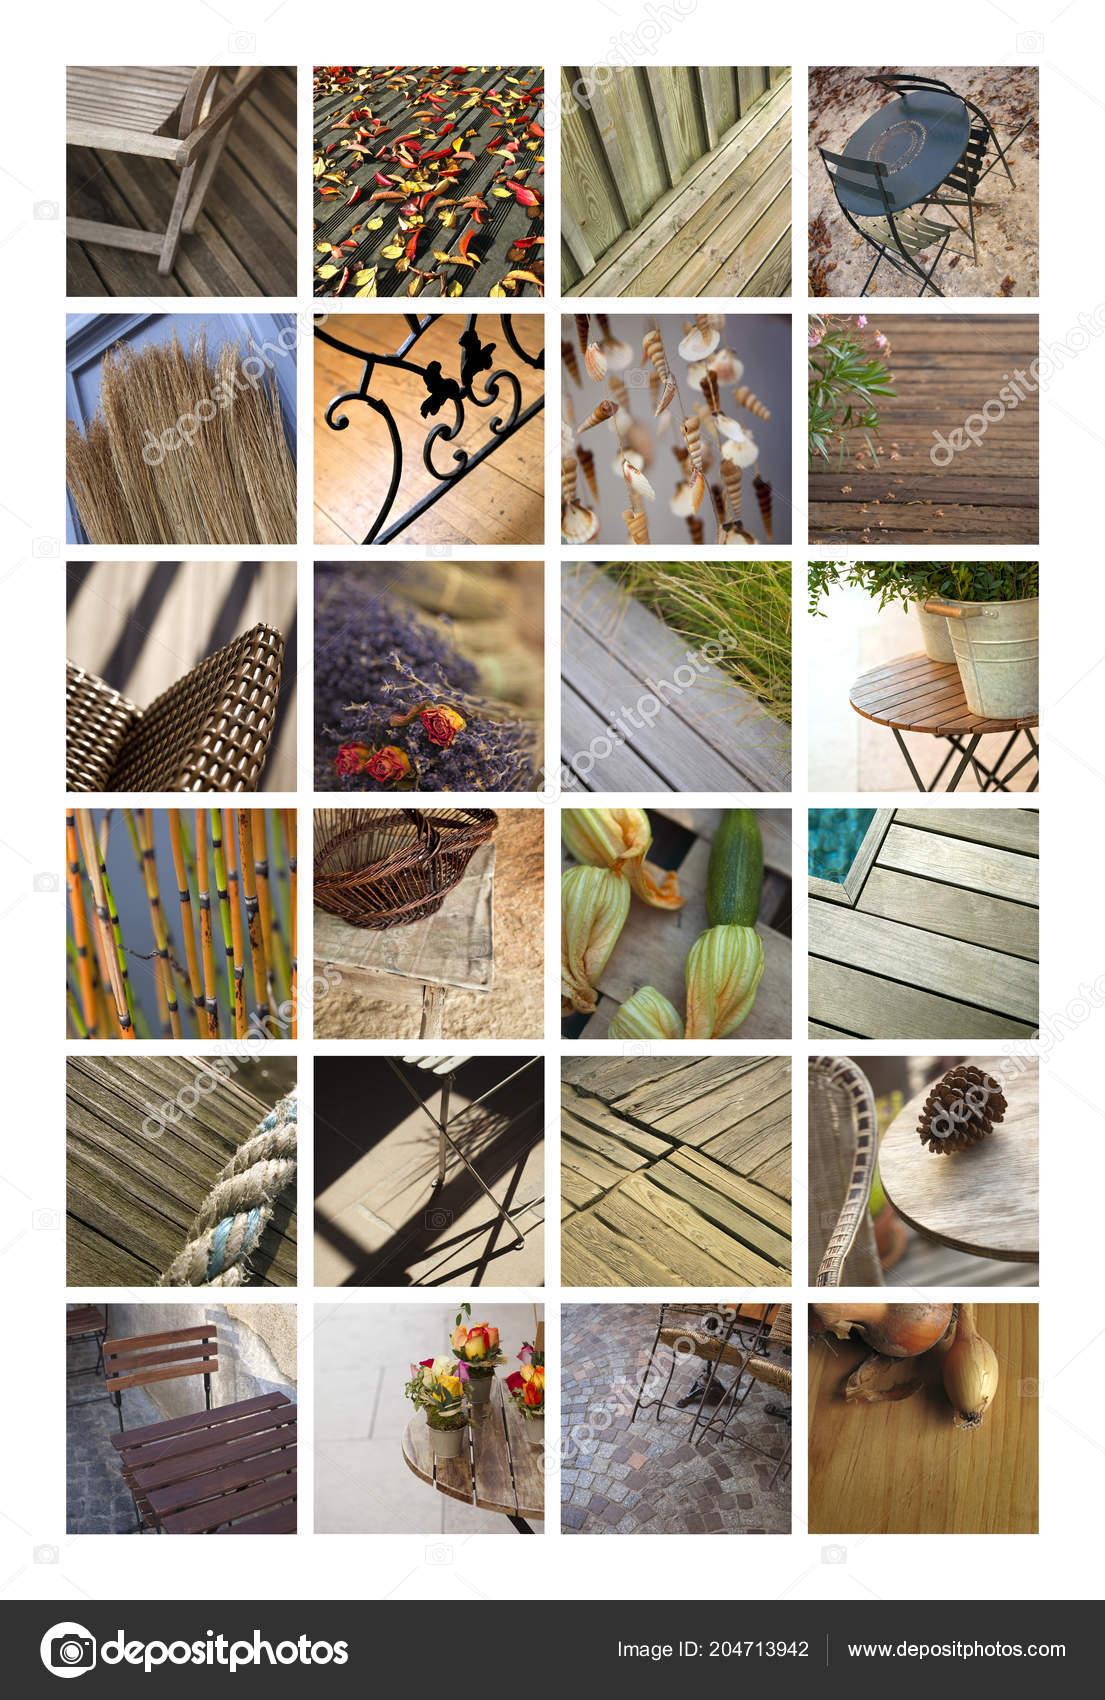 terrasse und garten mobel auf eine collage foto von jacquespalut